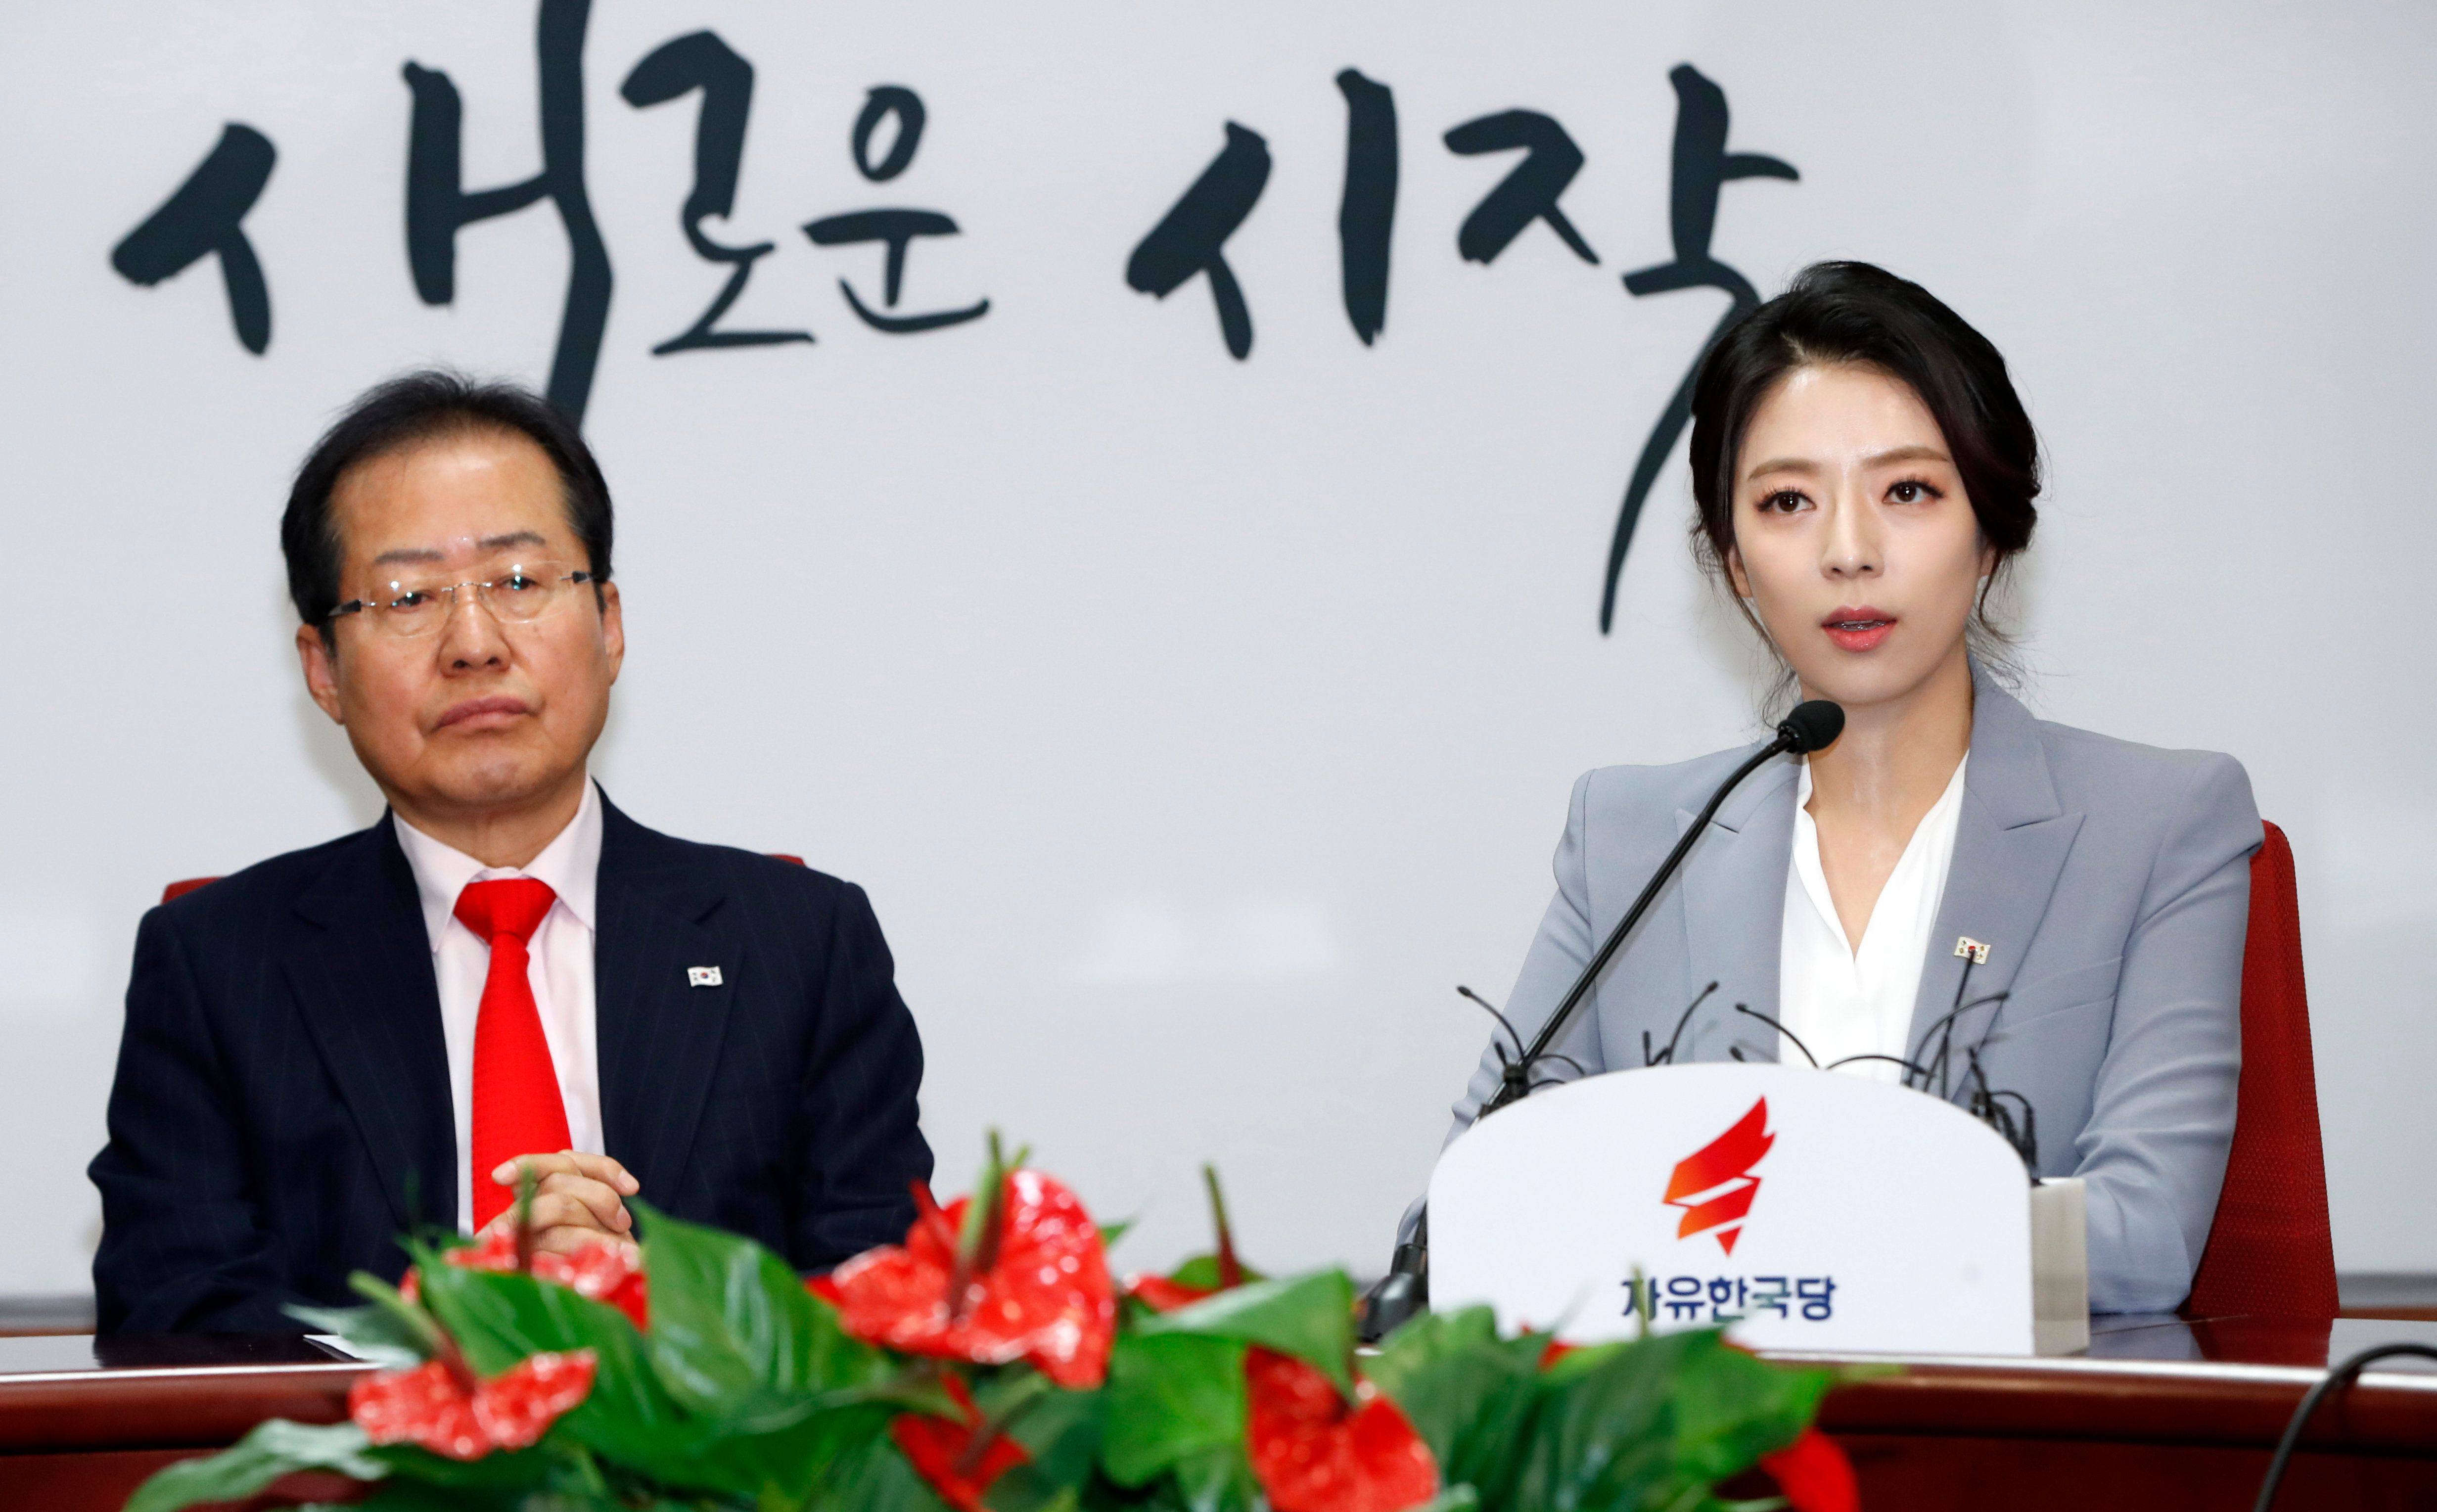 배현진 전 MBC 아나운서가 자유한국당 입당 소감을